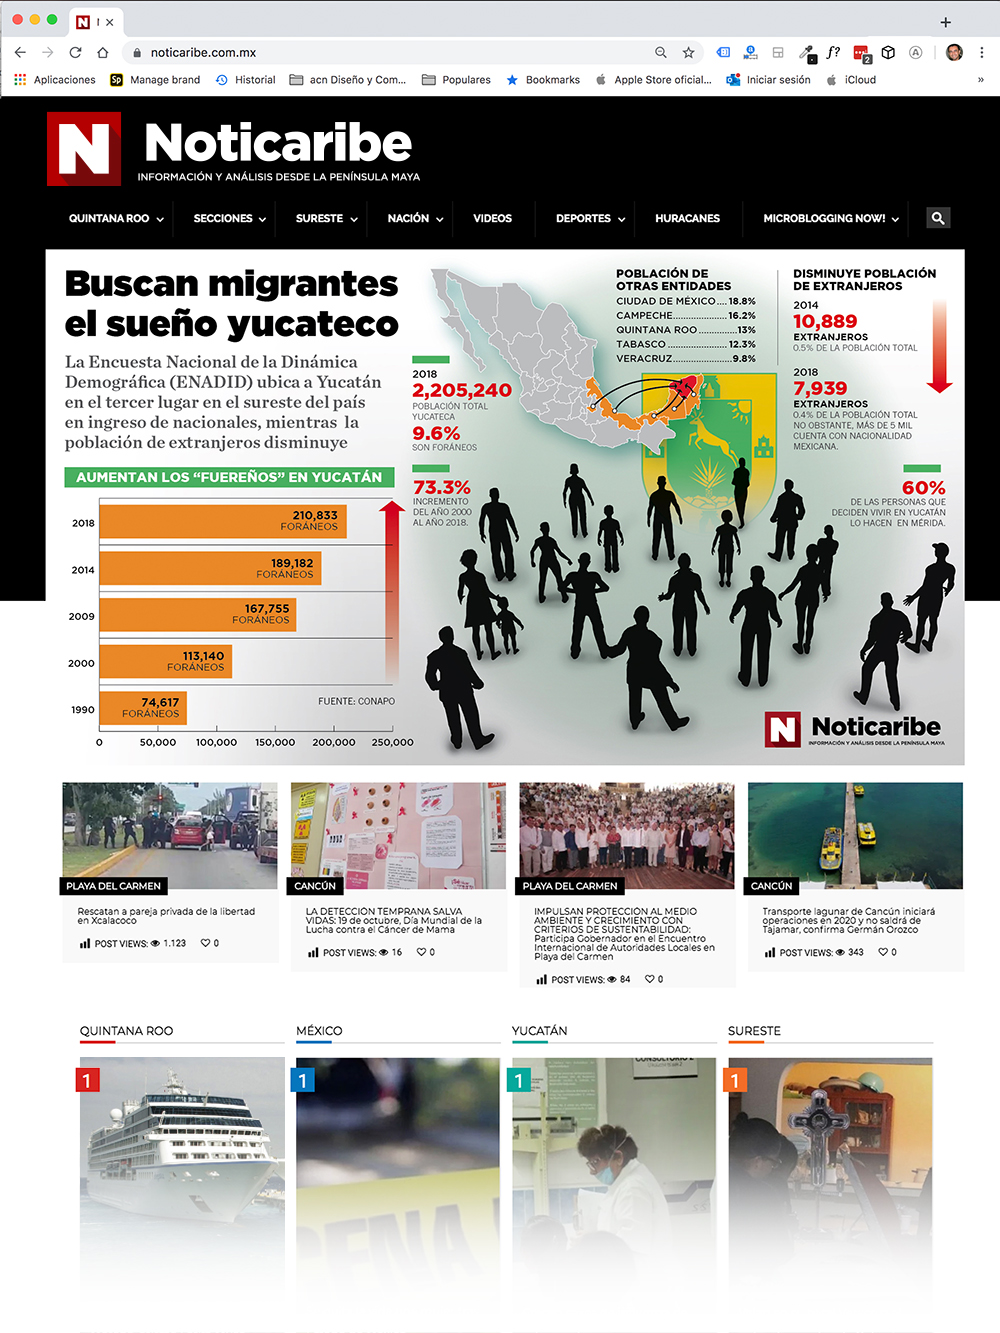 Portal de Noticias Noticaribe